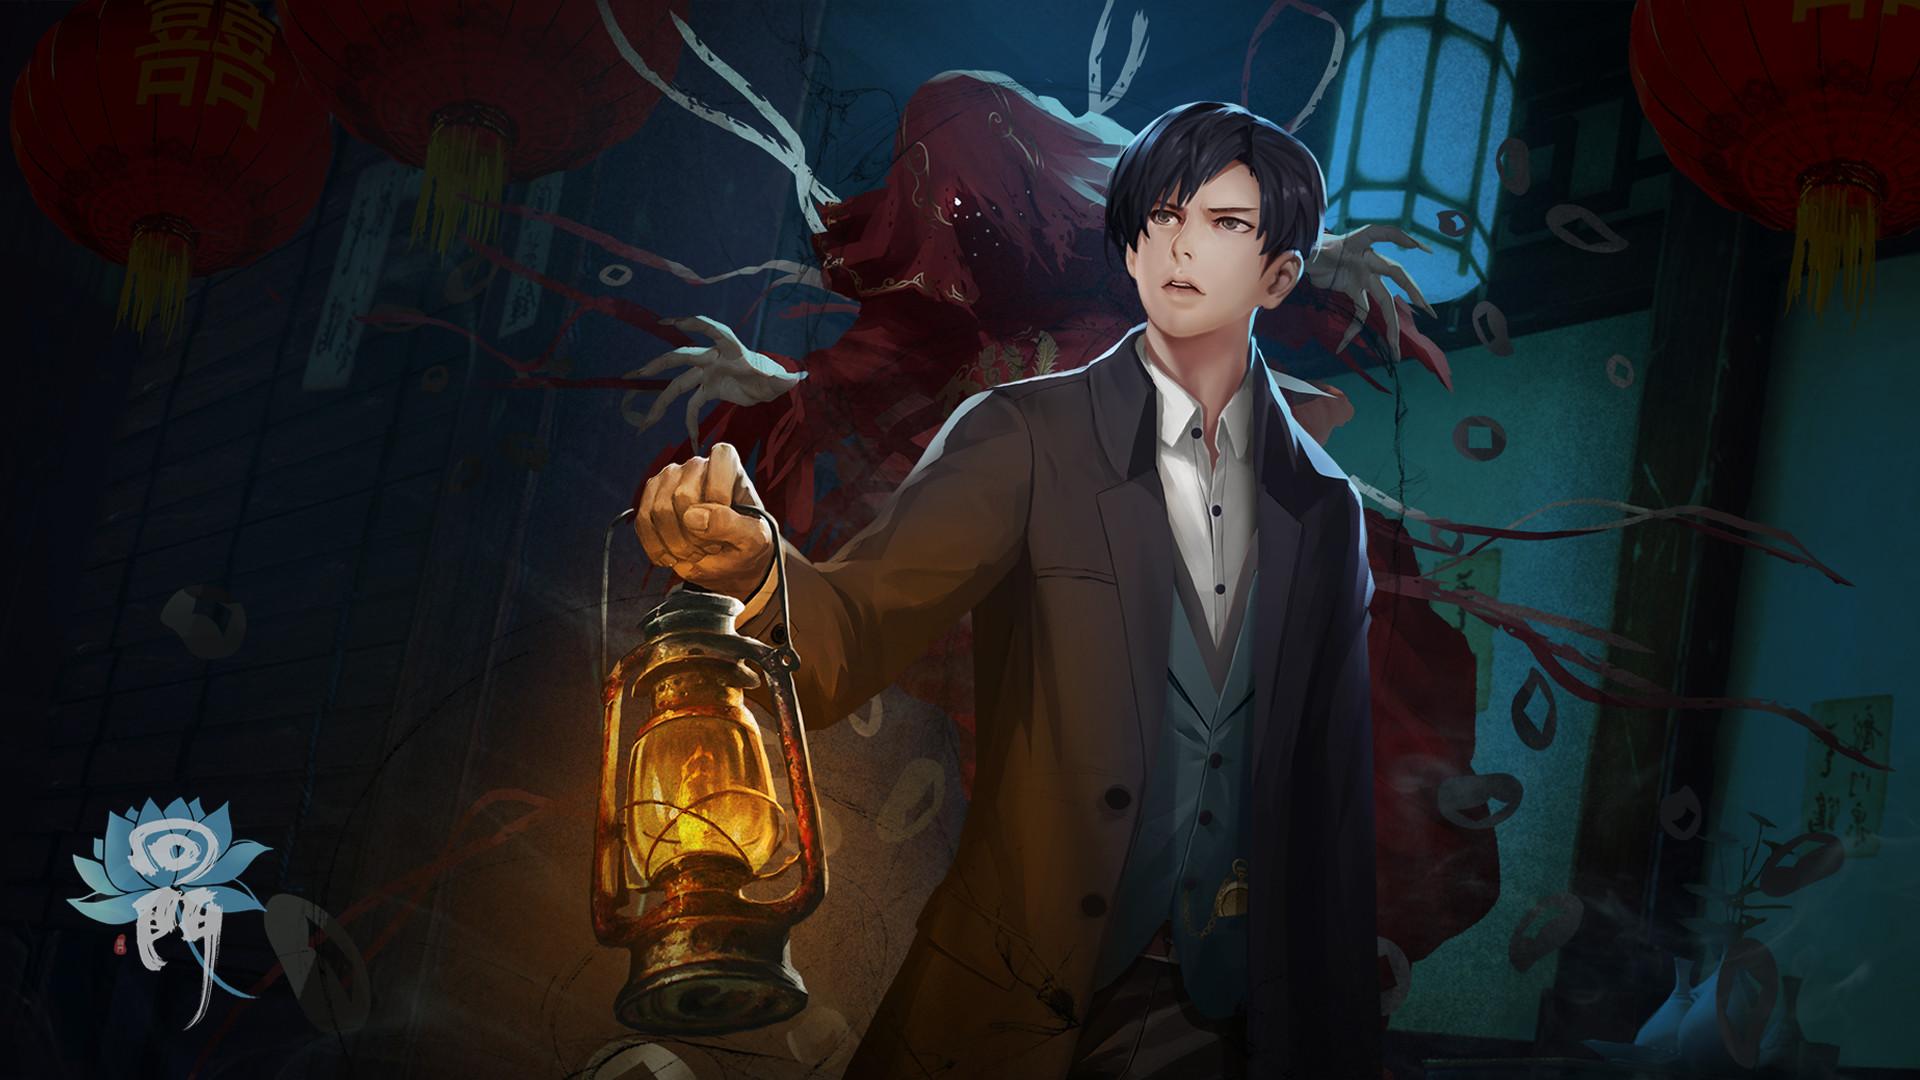 游戏《回门》于1月29日发售 试玩demo已上线